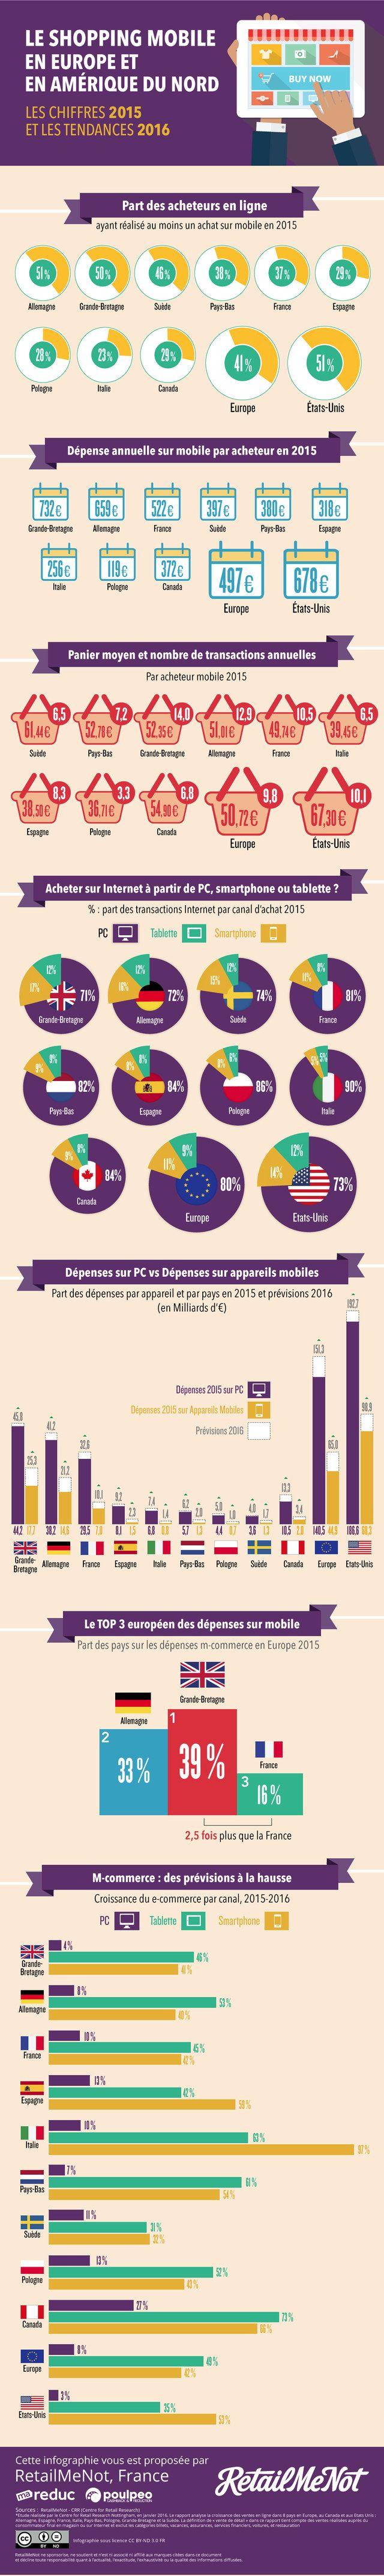 RetailMeNot vient de dévoiler les résultats de son étude mondiale sur le m-commerce. Les achats via smartphones continue de progresser dans tous les pays a